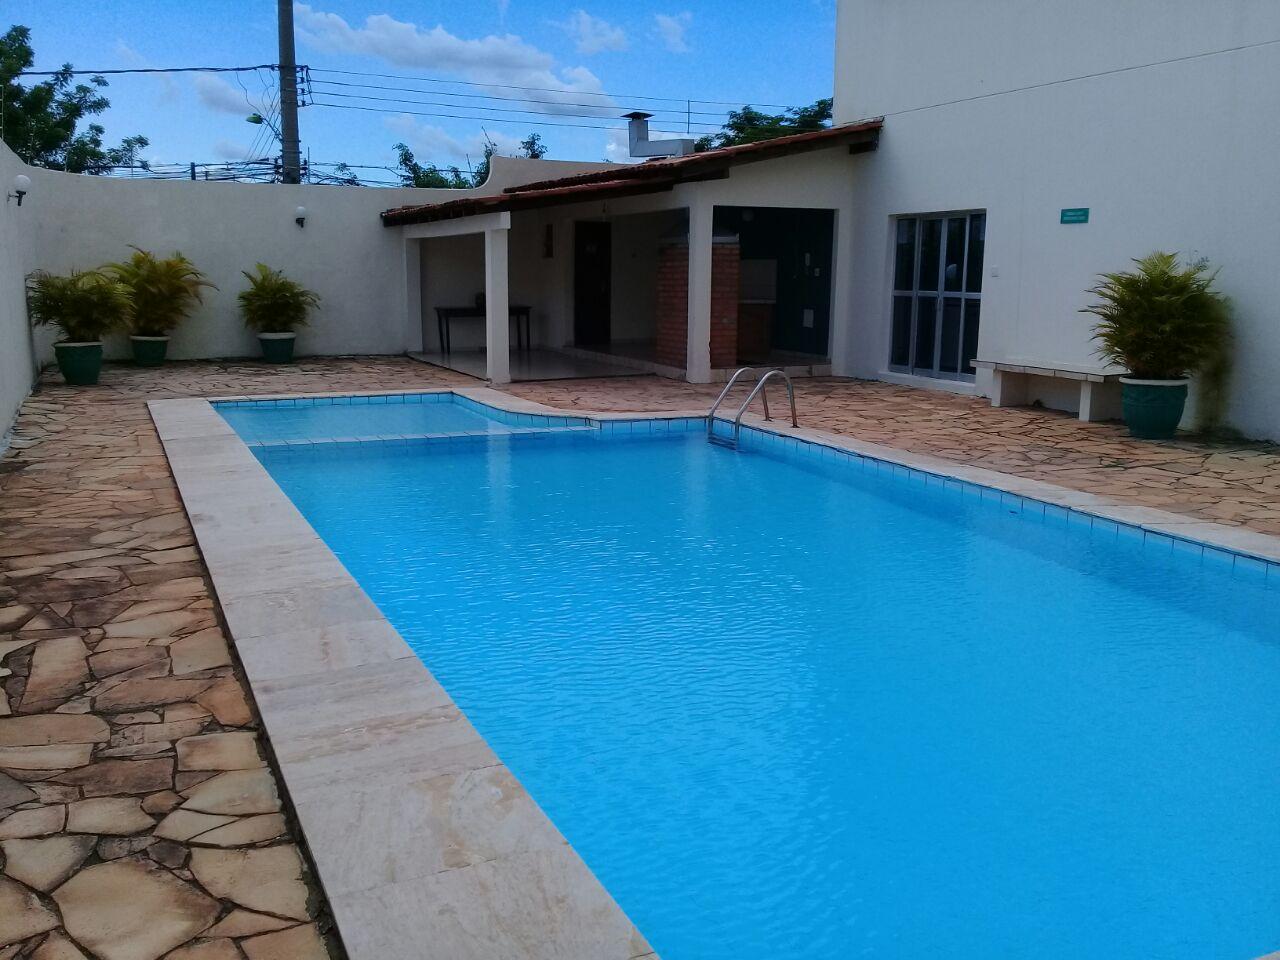 Apartamento à venda,  com 3 quartos sendo 1 suite no ARAÉS em Cuiabá MT 101 11492